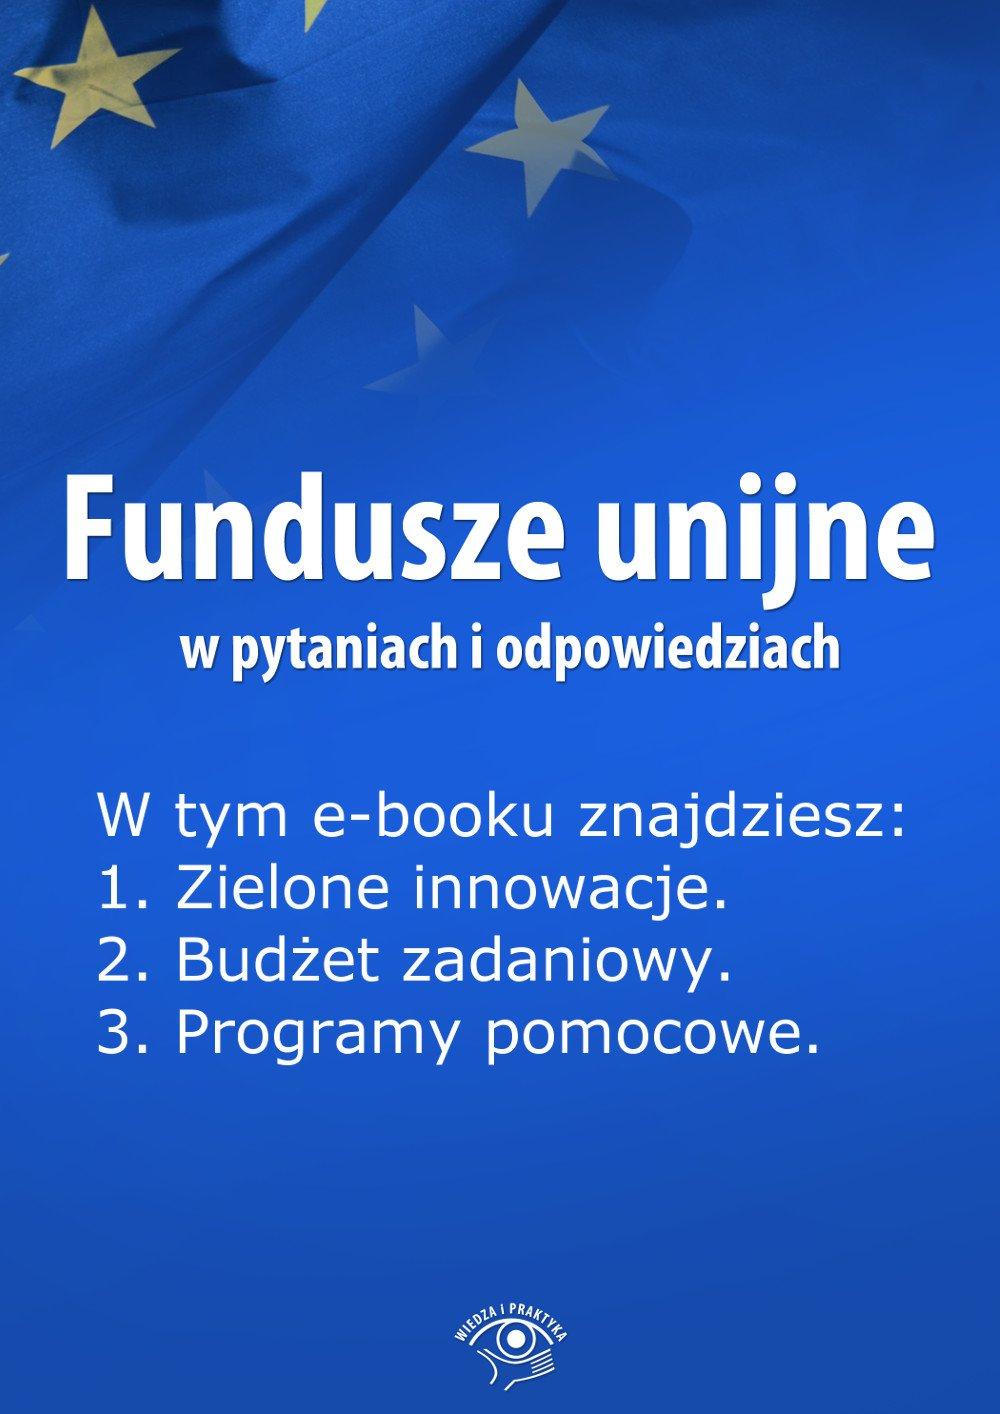 Fundusze unijne w pytaniach i odpowiedziach. Wydanie maj 2014 r. - Ebook (Książka EPUB) do pobrania w formacie EPUB